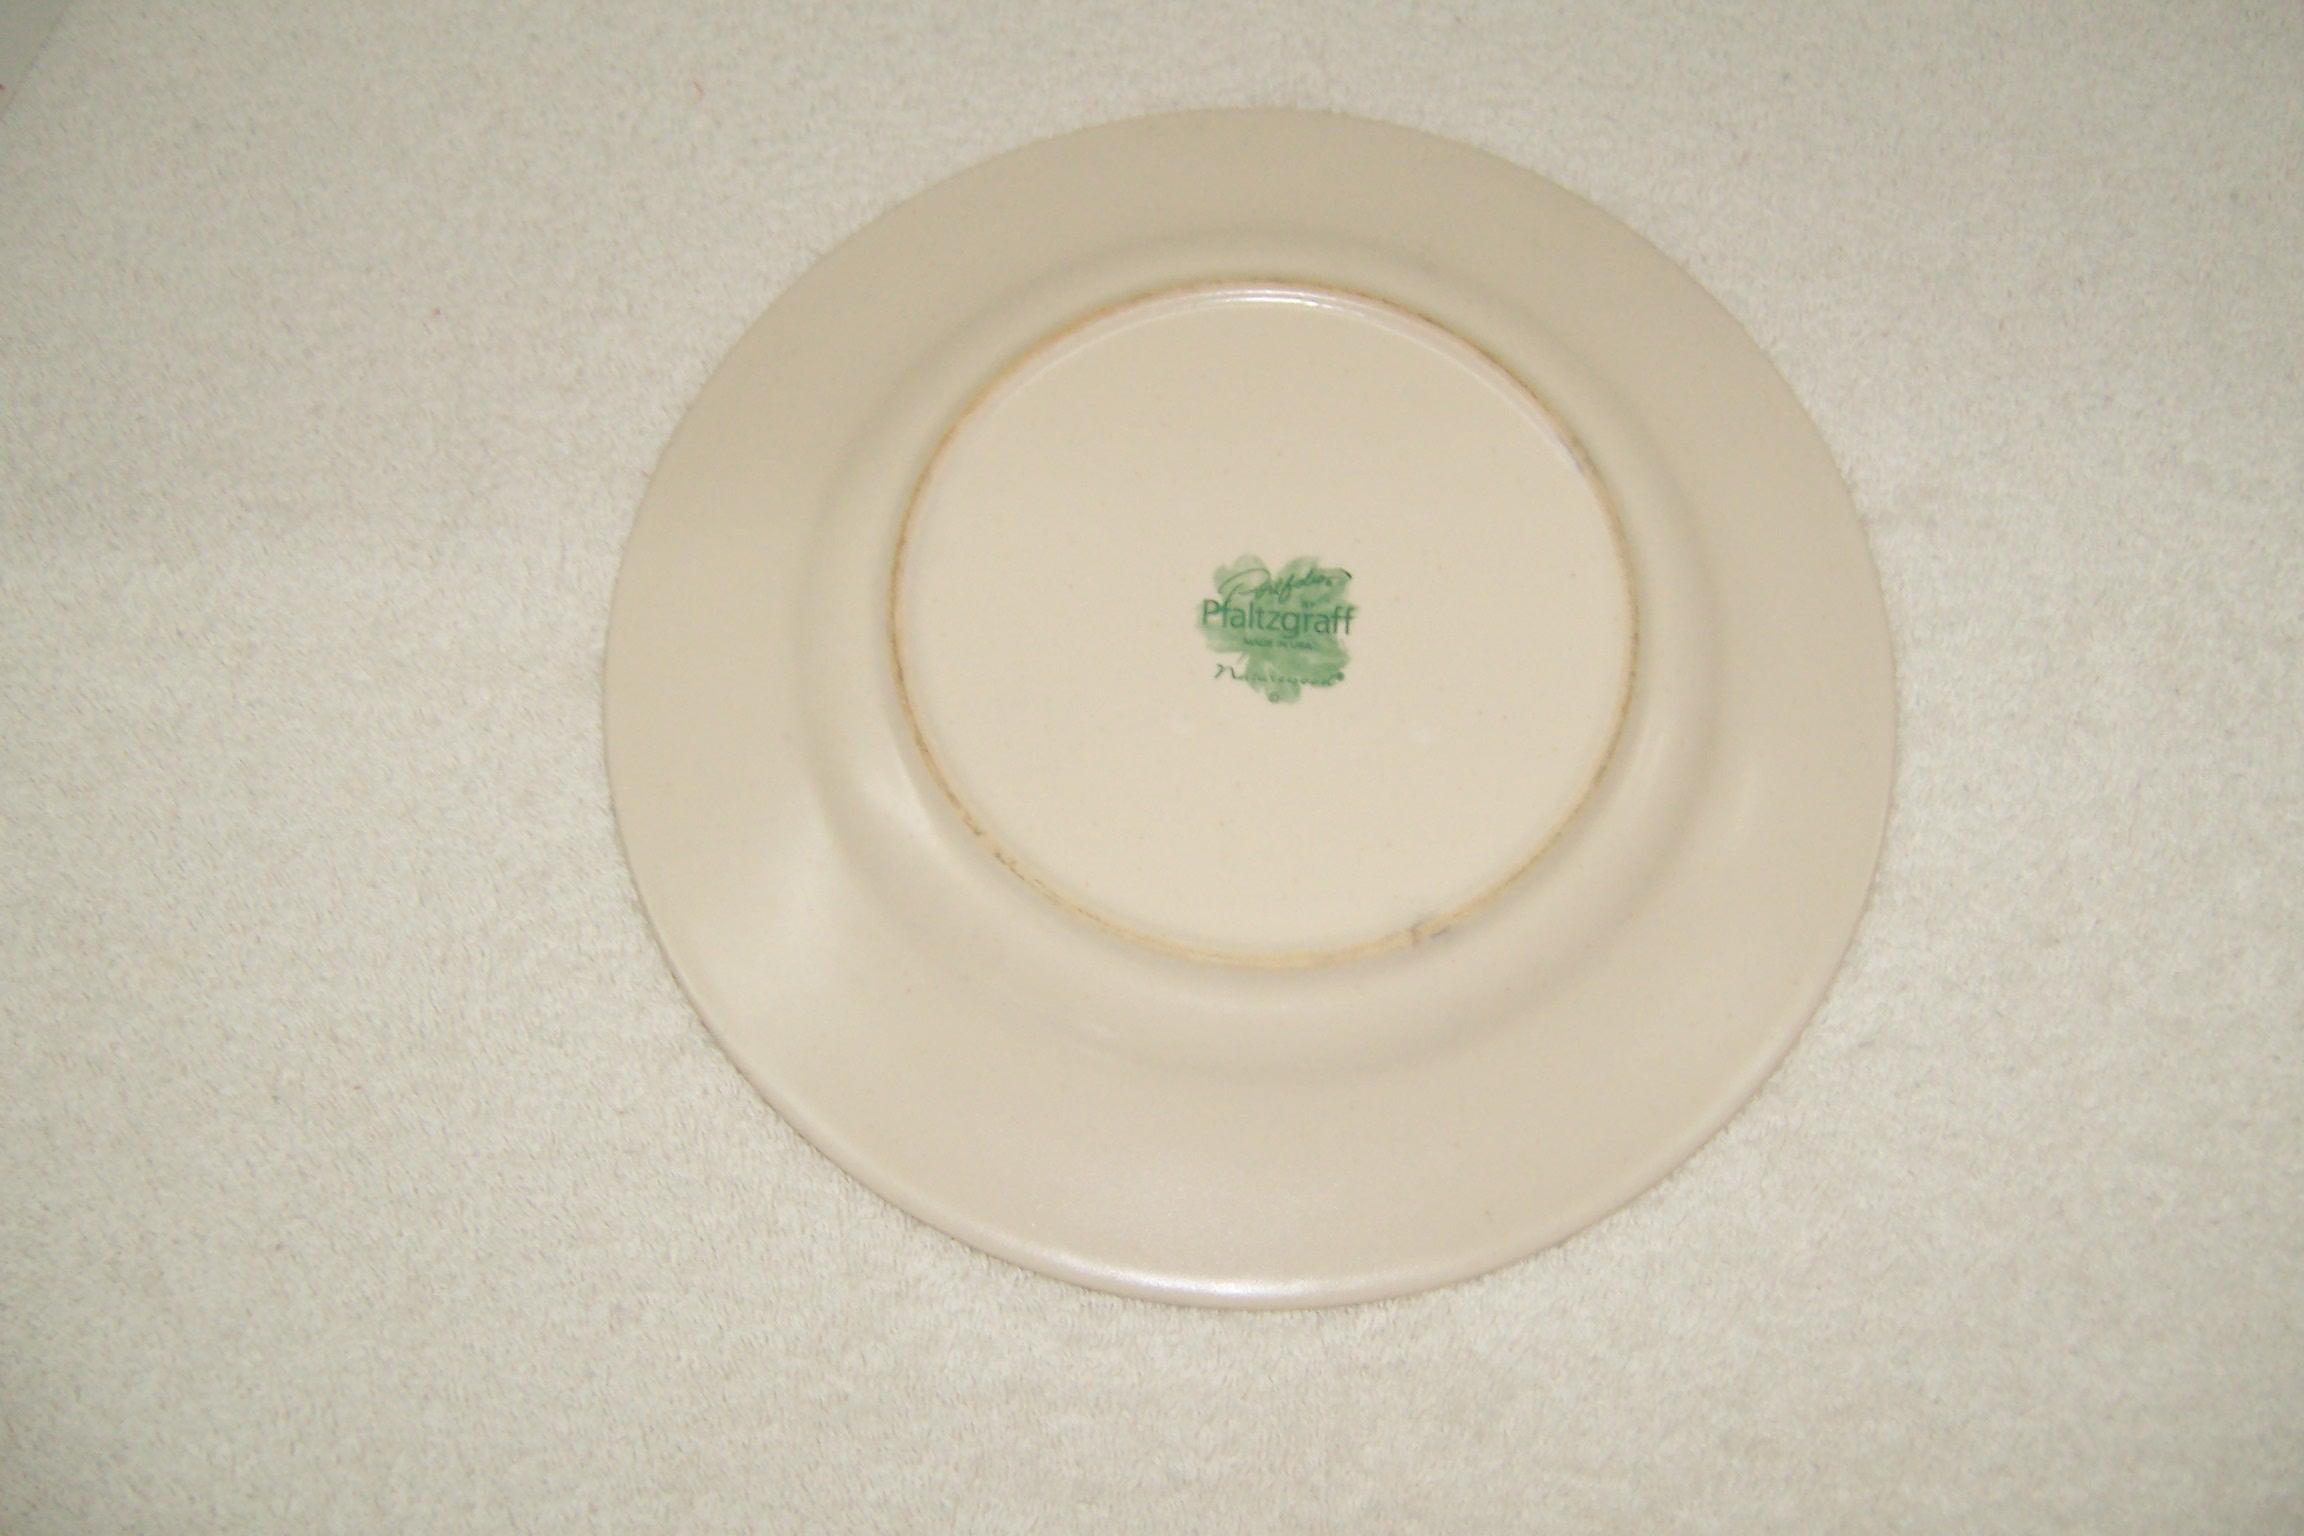 Pfaltzgraff Naturewood Dinner Plate Triple A Resale